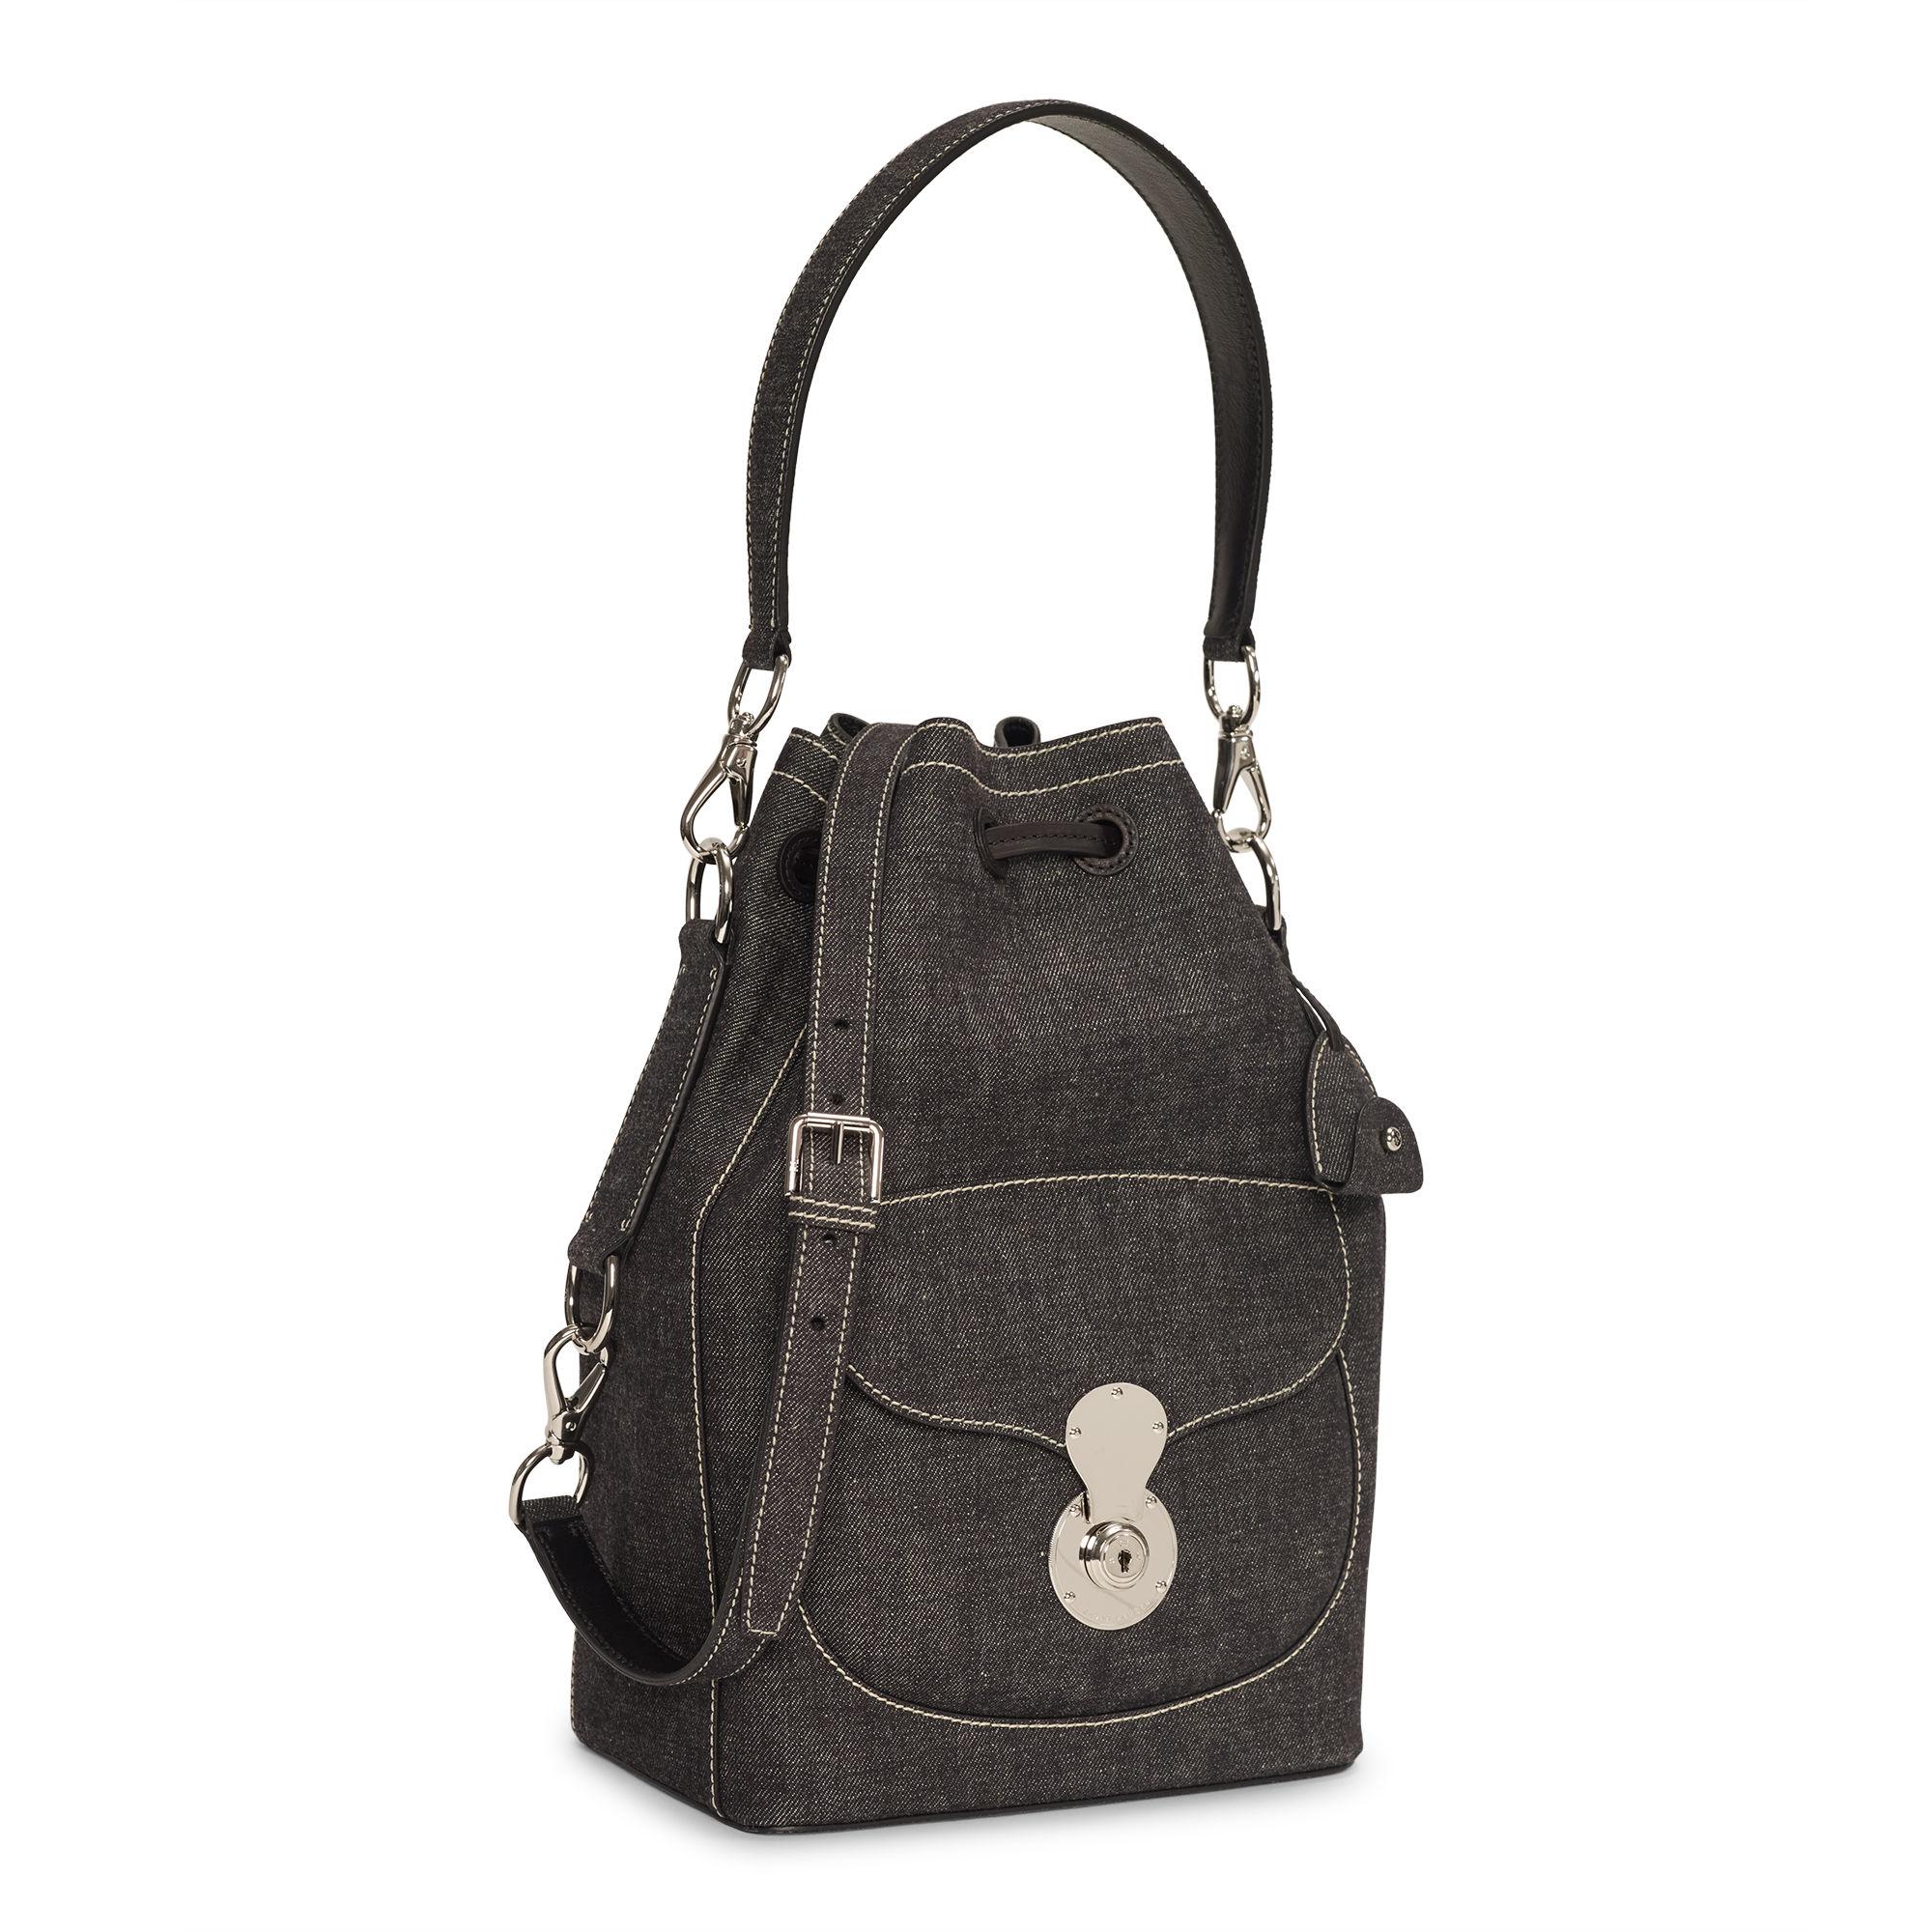 0075531145 Ralph Lauren Denim Ricky Drawstring Bag in Black - Lyst